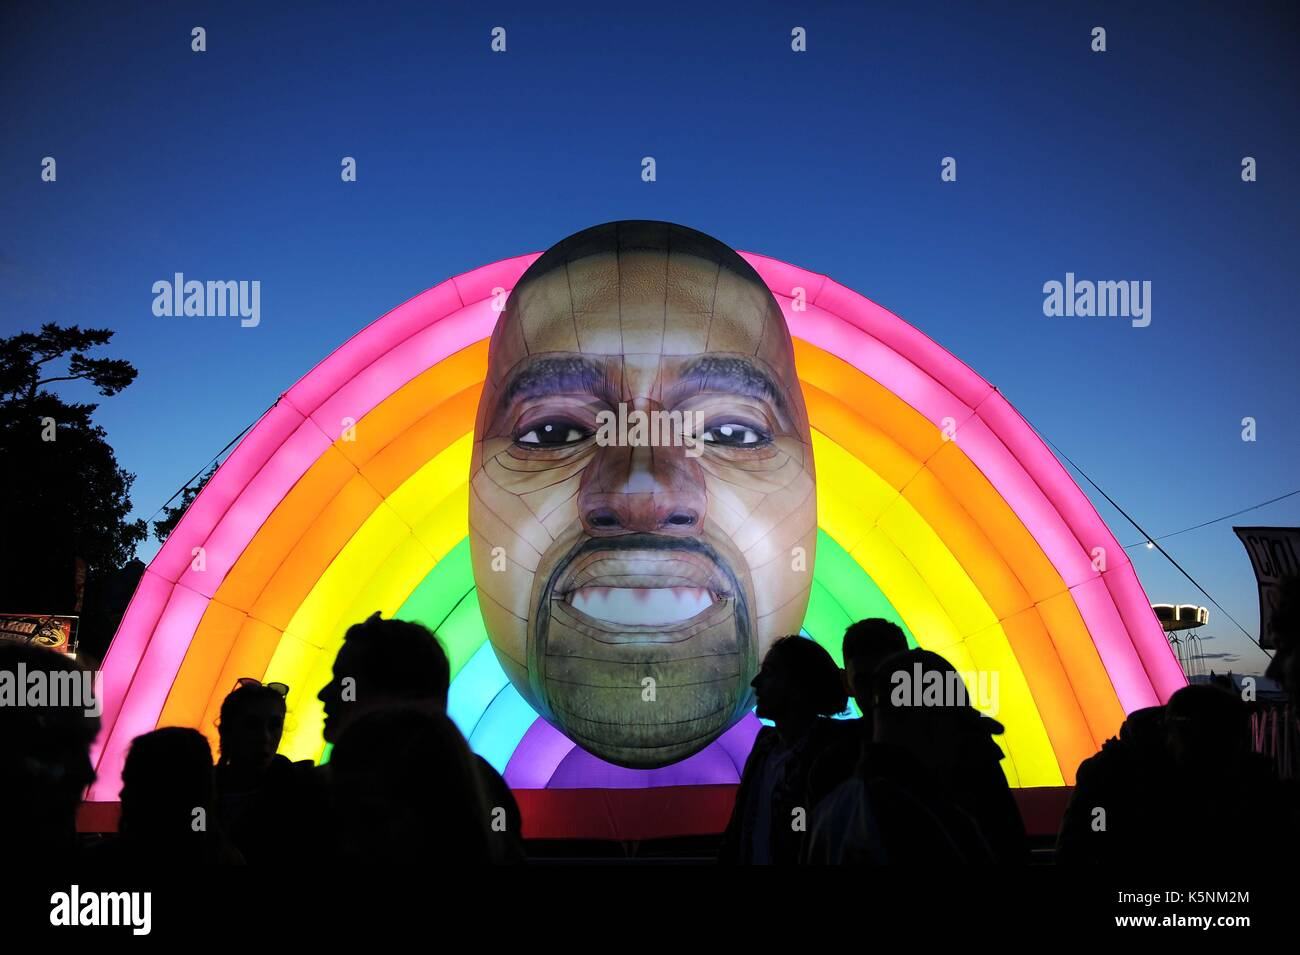 Almofada insuflável Kanye West no bestival festival de música. almofada insuflável Kanye West crédito: finnbarr webster/alamy notícias ao vivo Imagens de Stock